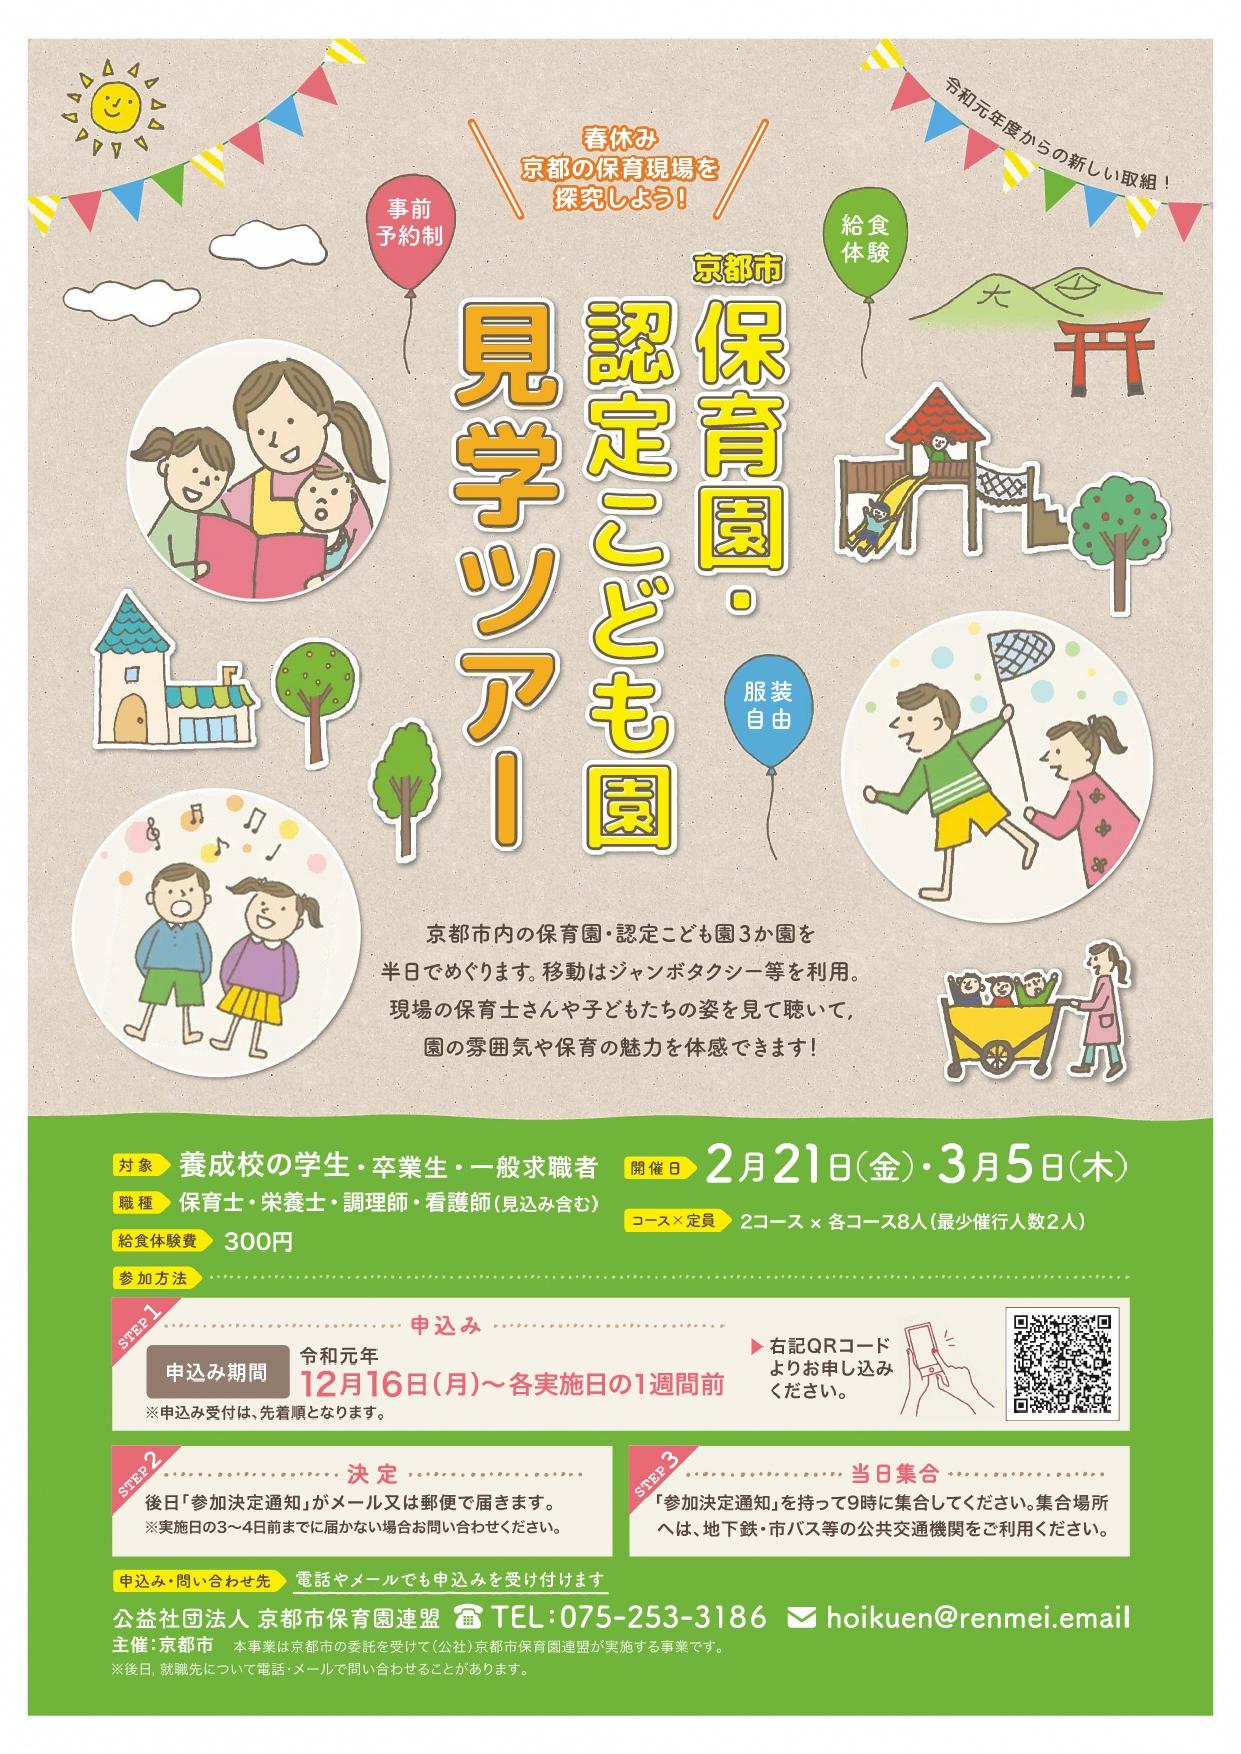 【2月21日・3月5日開催】京都市保育園・認定こども園見学ツアー